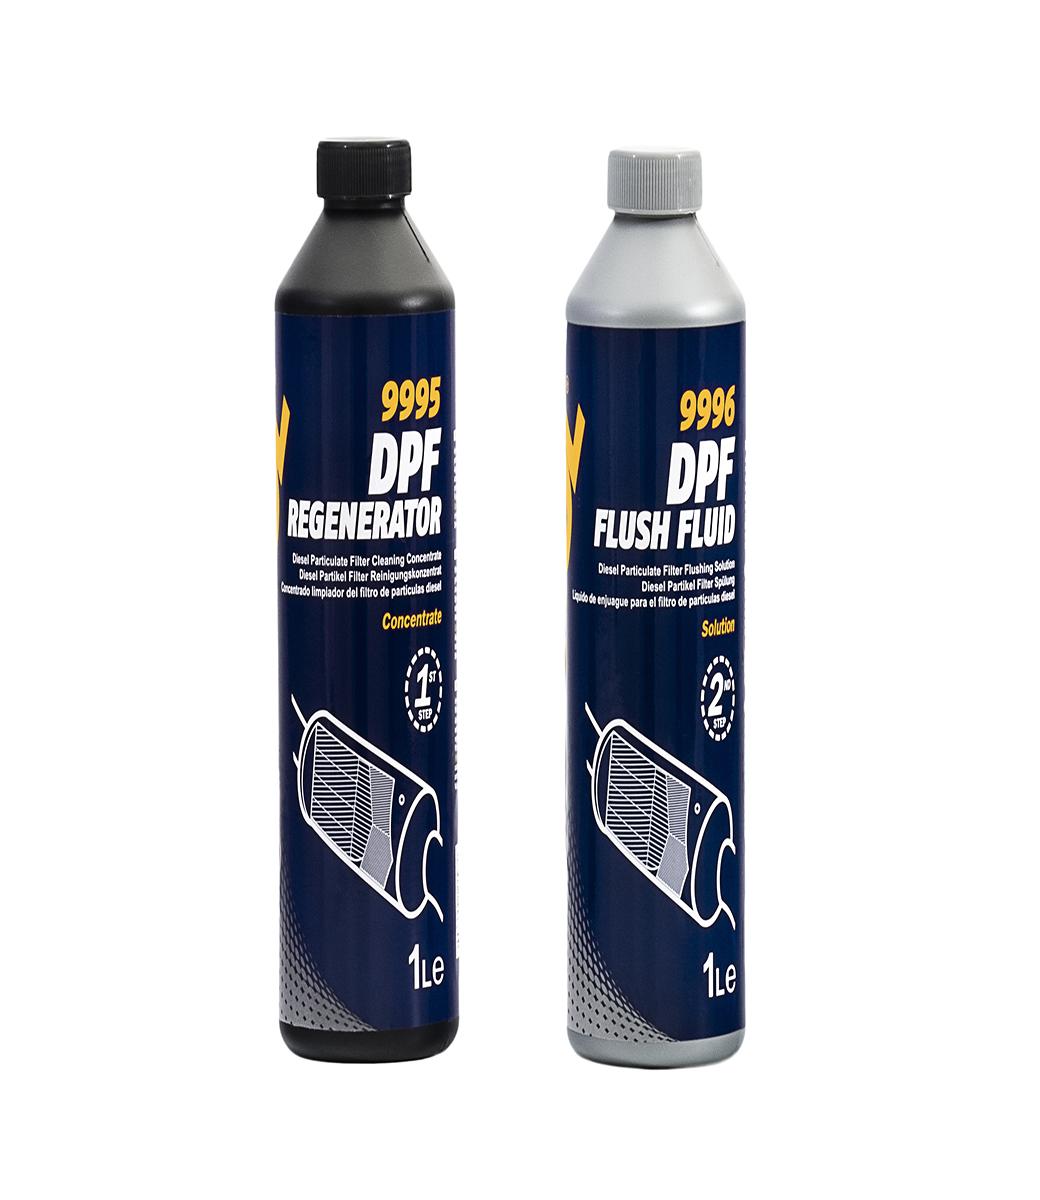 DPF Regenerator & Flush Fluid